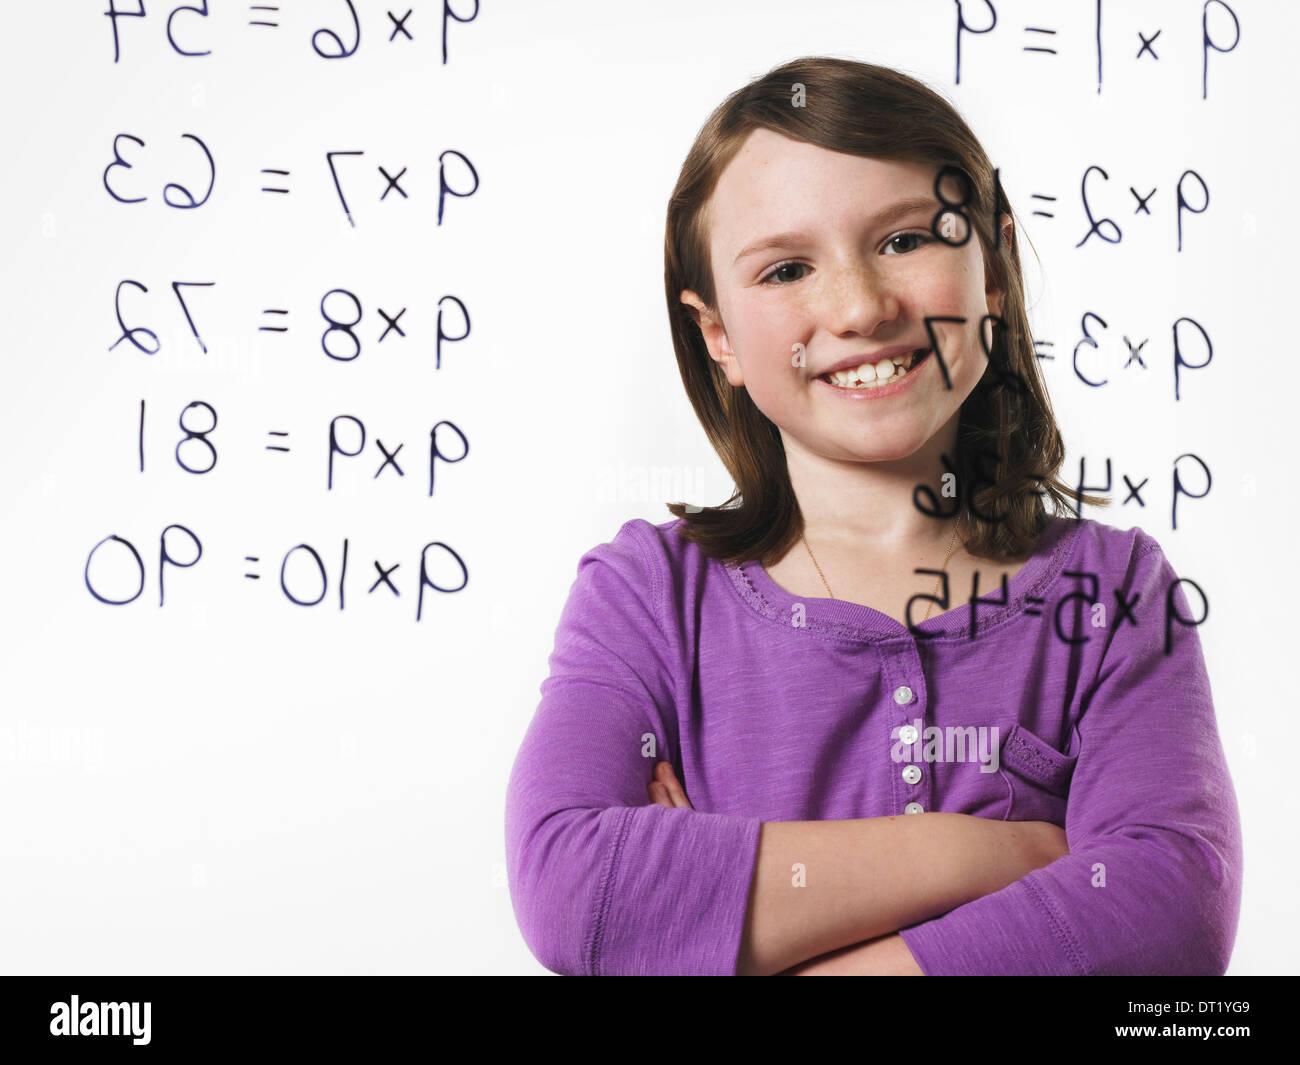 Un enfant à la recherche lors d'une série de tables de multiplication écrite sur une surface à voir Photo Stock